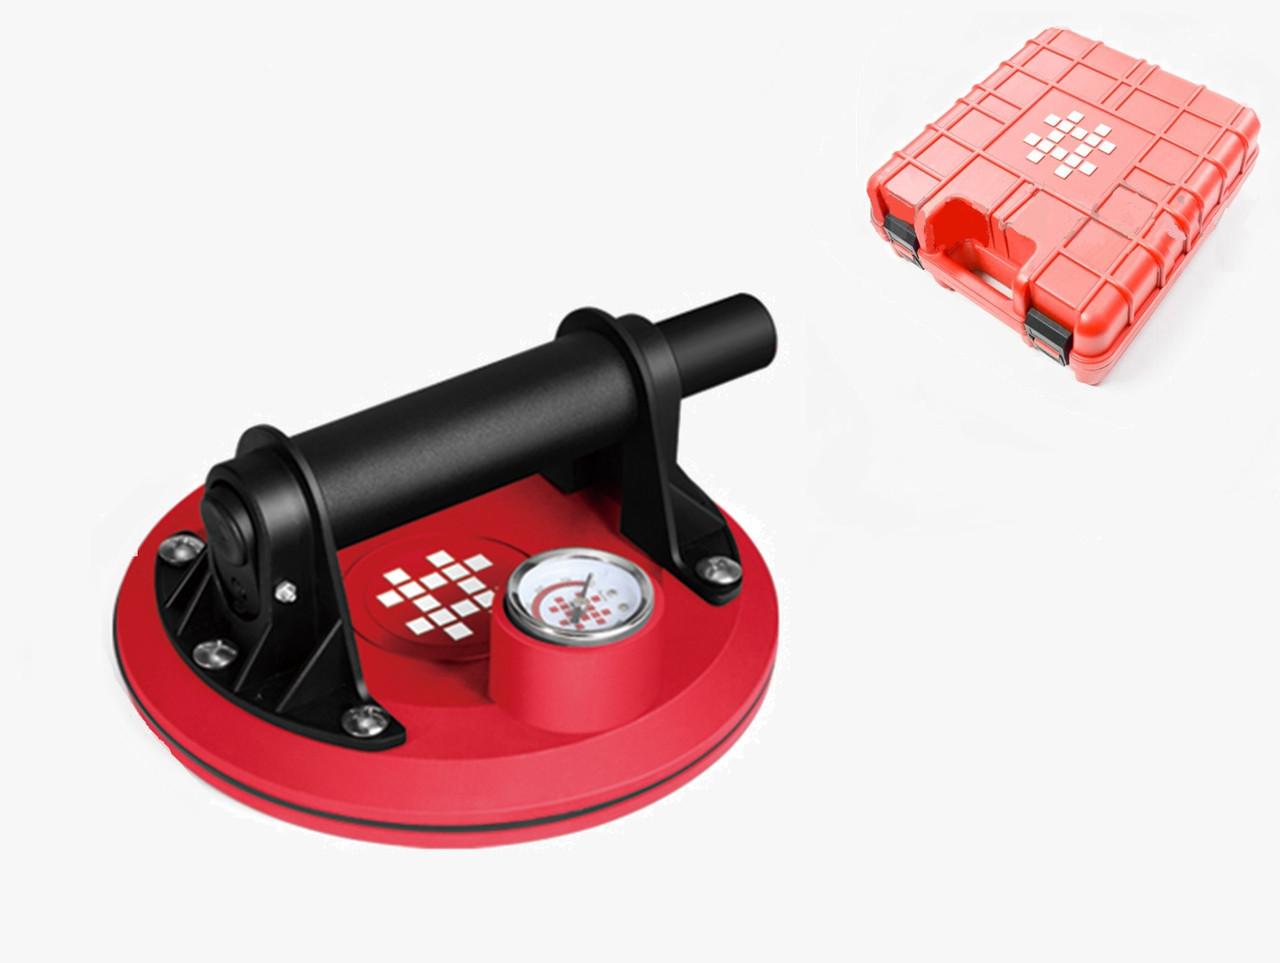 Вакуумная присоска Shijing P611🥌 с манометром ⌀200 мм, ⚖190 кг